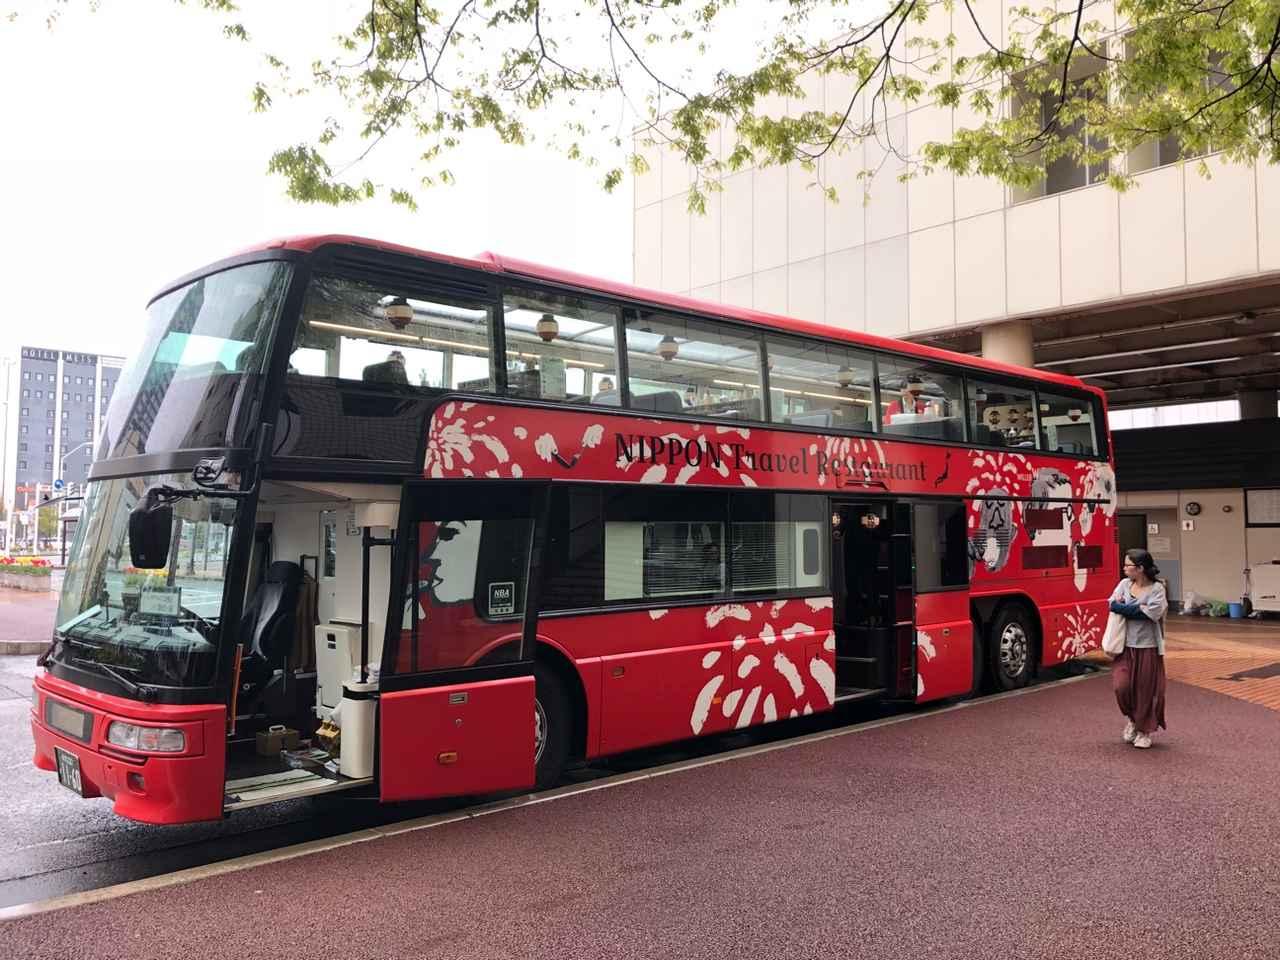 画像: 大きな窓、オープンルーフ、赤い車体が特徴の「レストランバス」